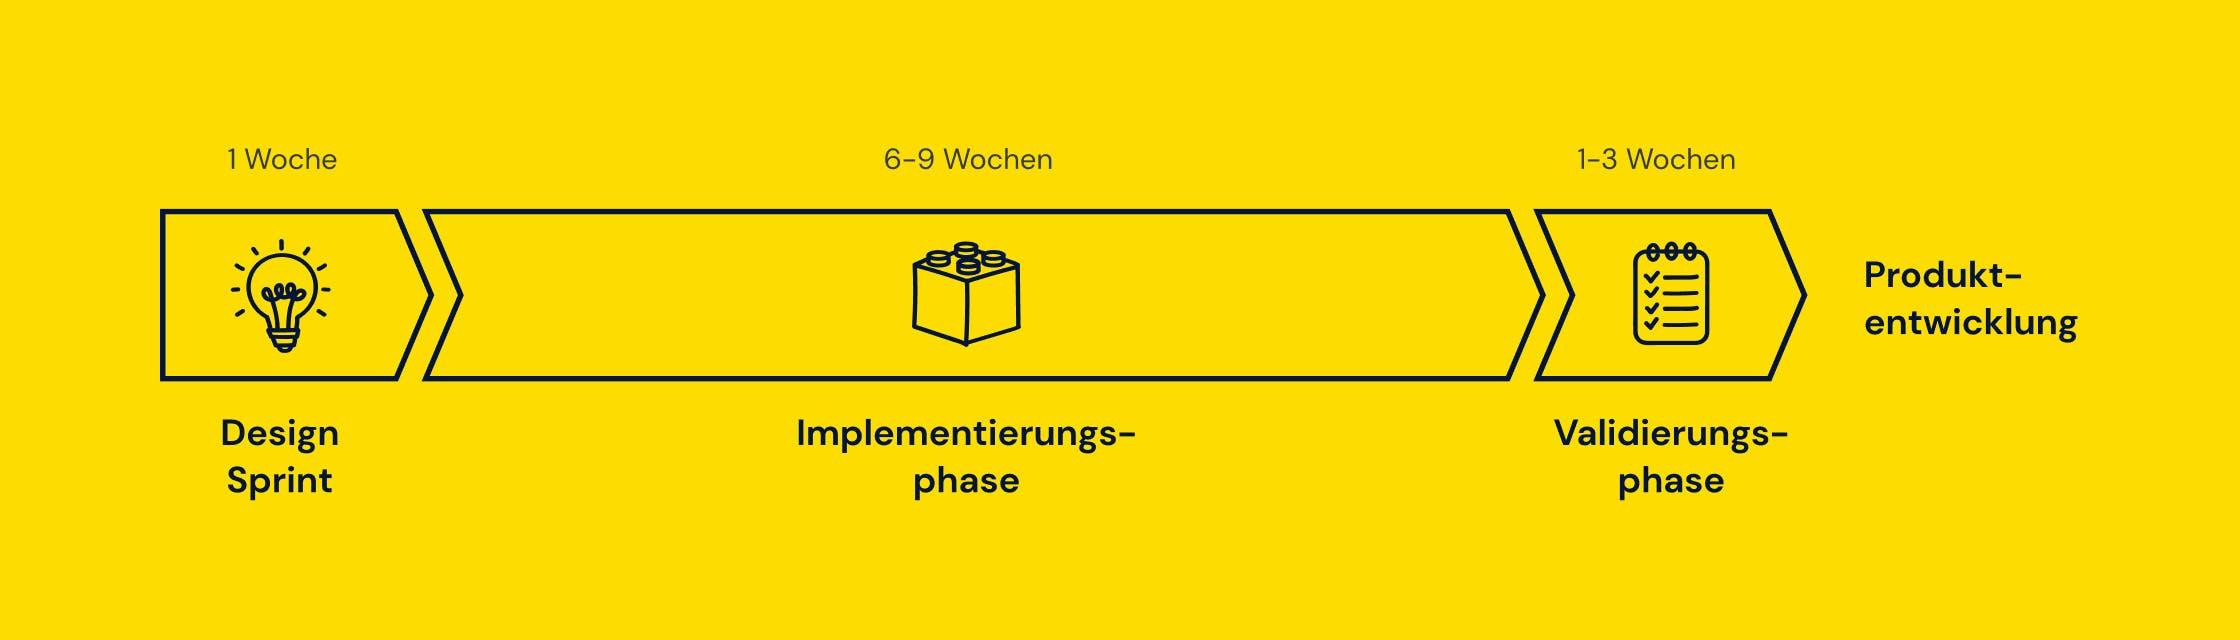 Phasen der digitalen Produktentwicklung in 12 Wochen